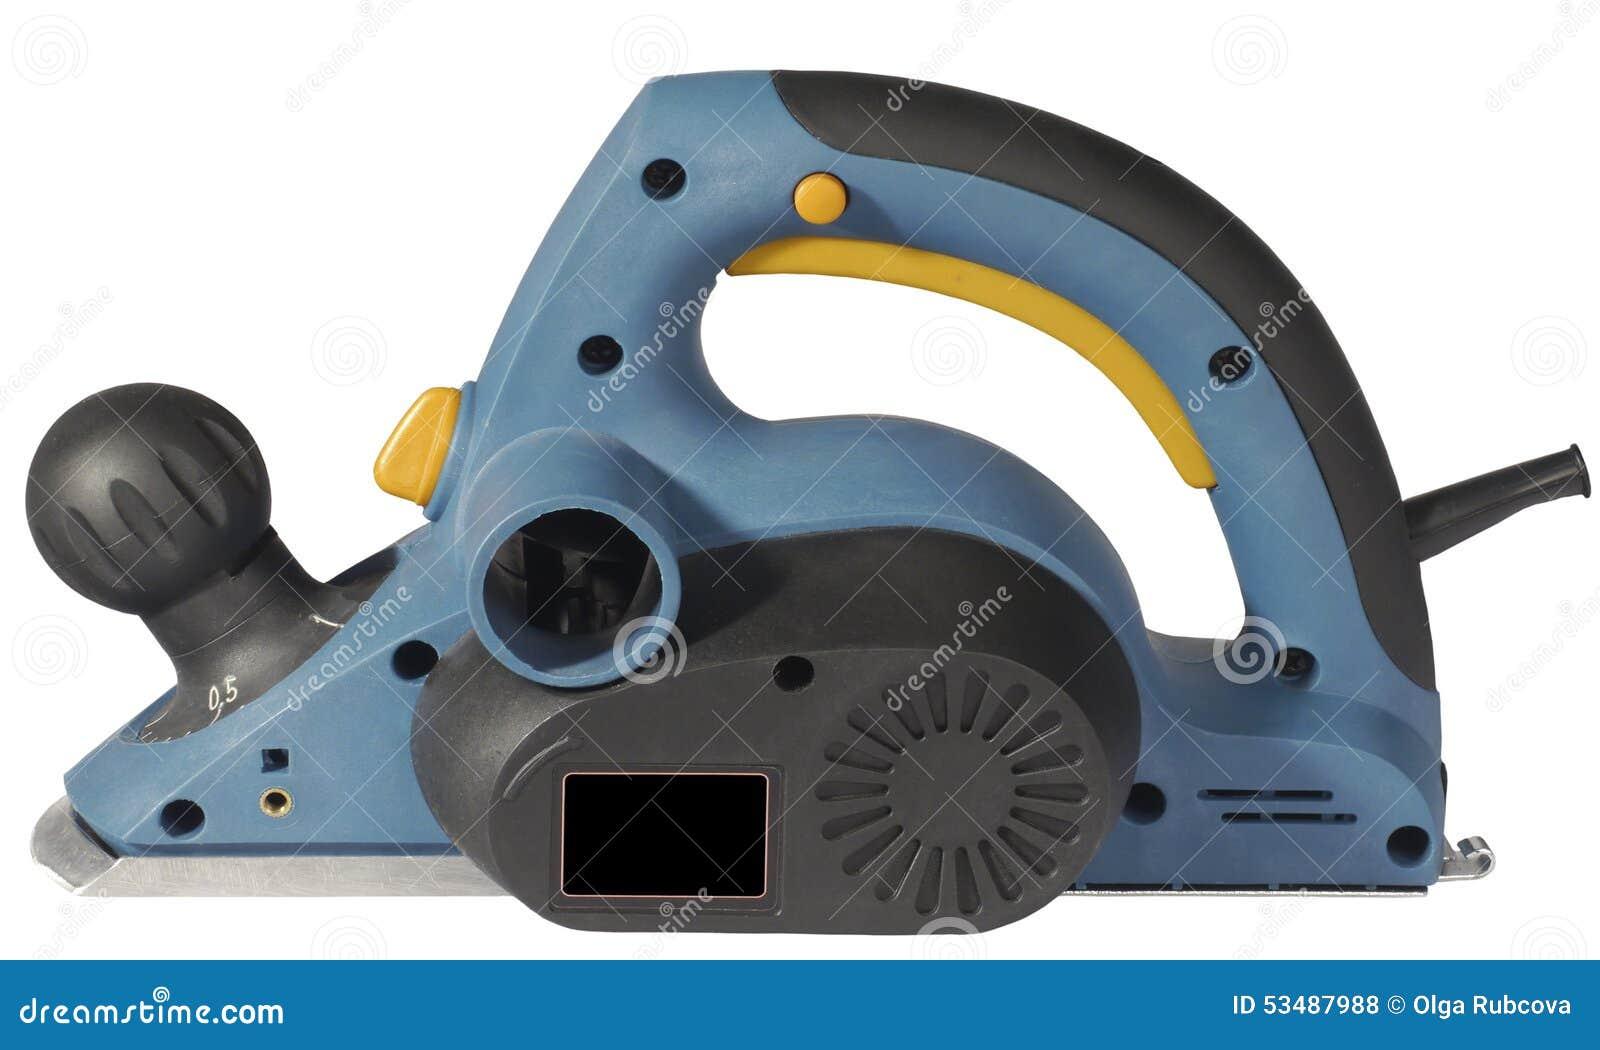 elektrischer hobel stockfoto. bild von profil, instrument - 53487988